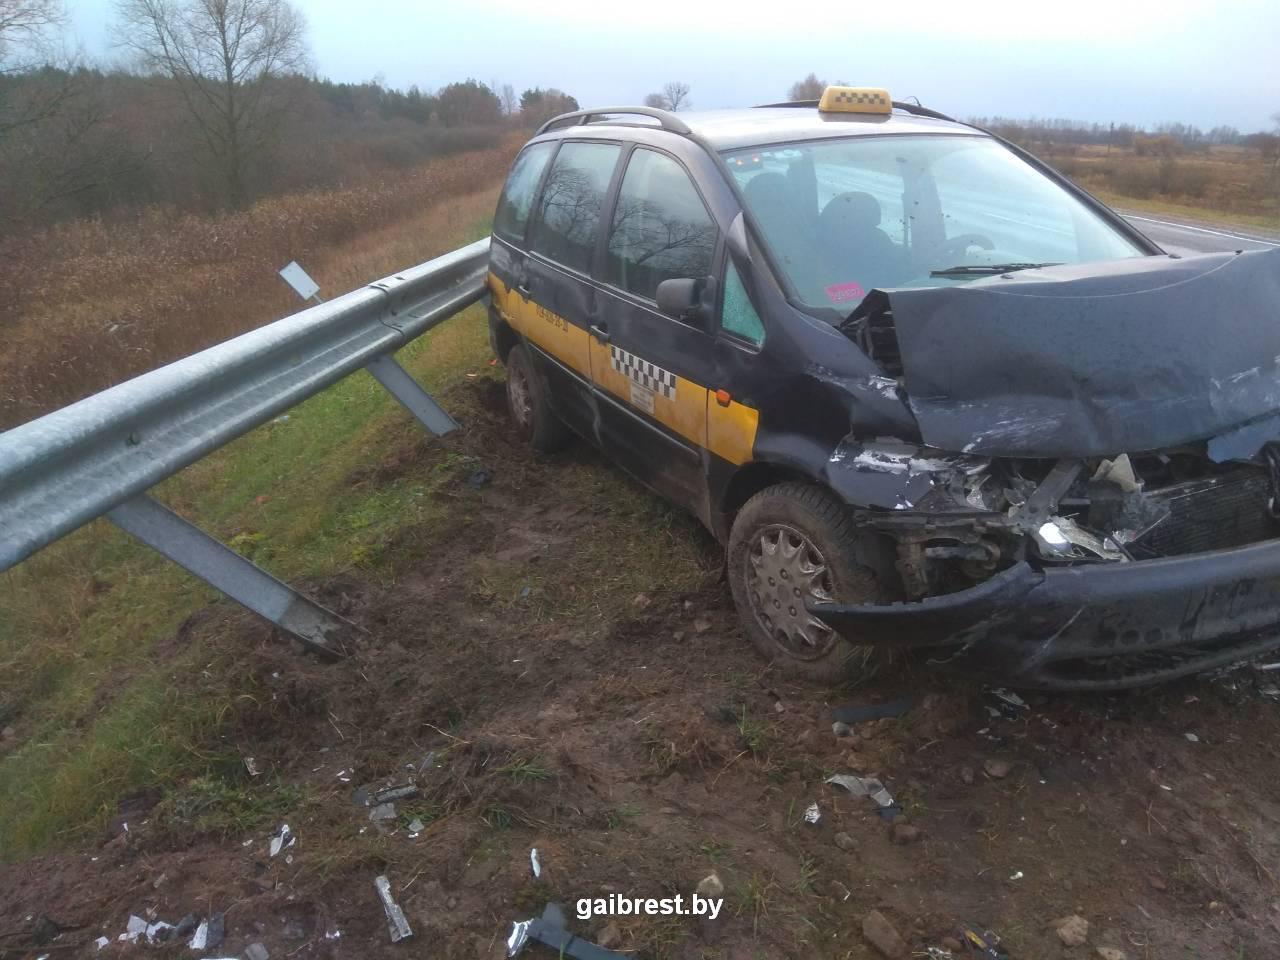 Пинский район: ремень безопасности спас водителя такси от серьезных травм